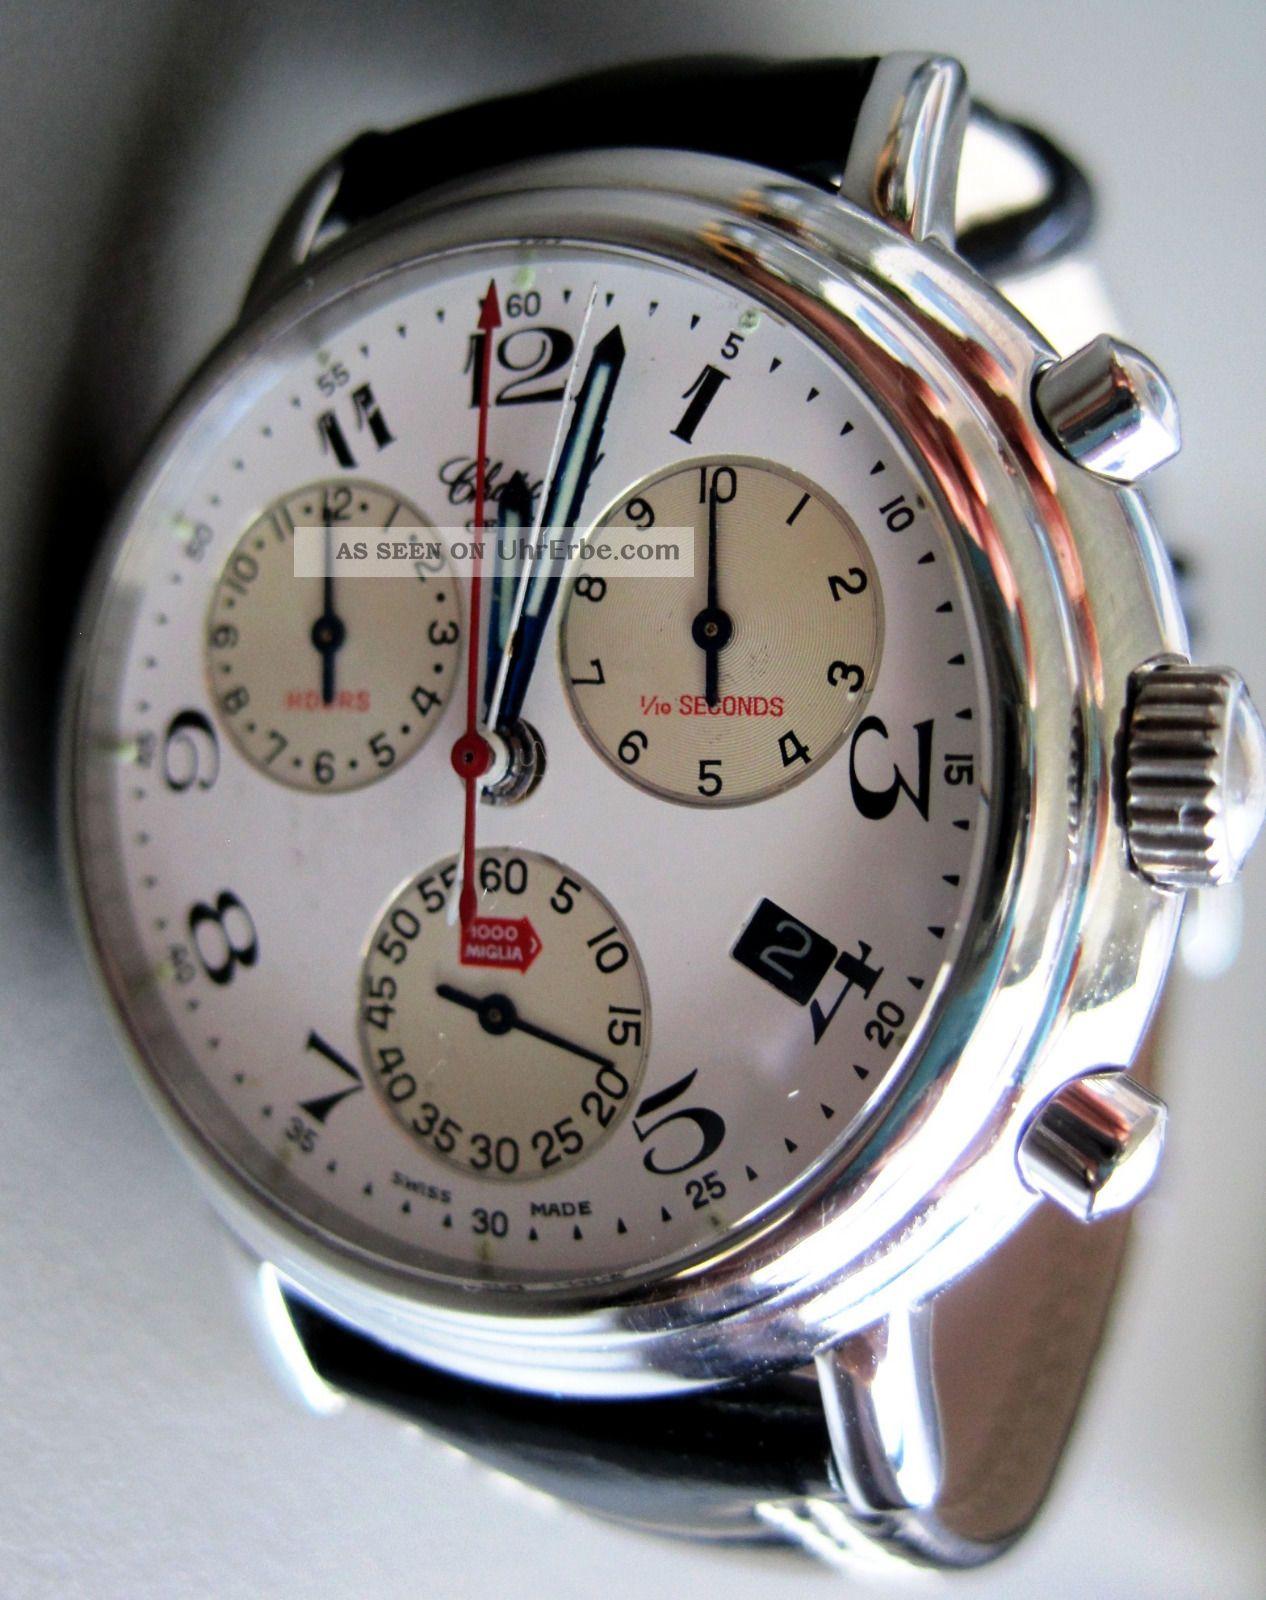 Chopard Mille Miglia Chronograph,  2 Zifferblätter,  Mit Box & Papieren Armbanduhren Bild